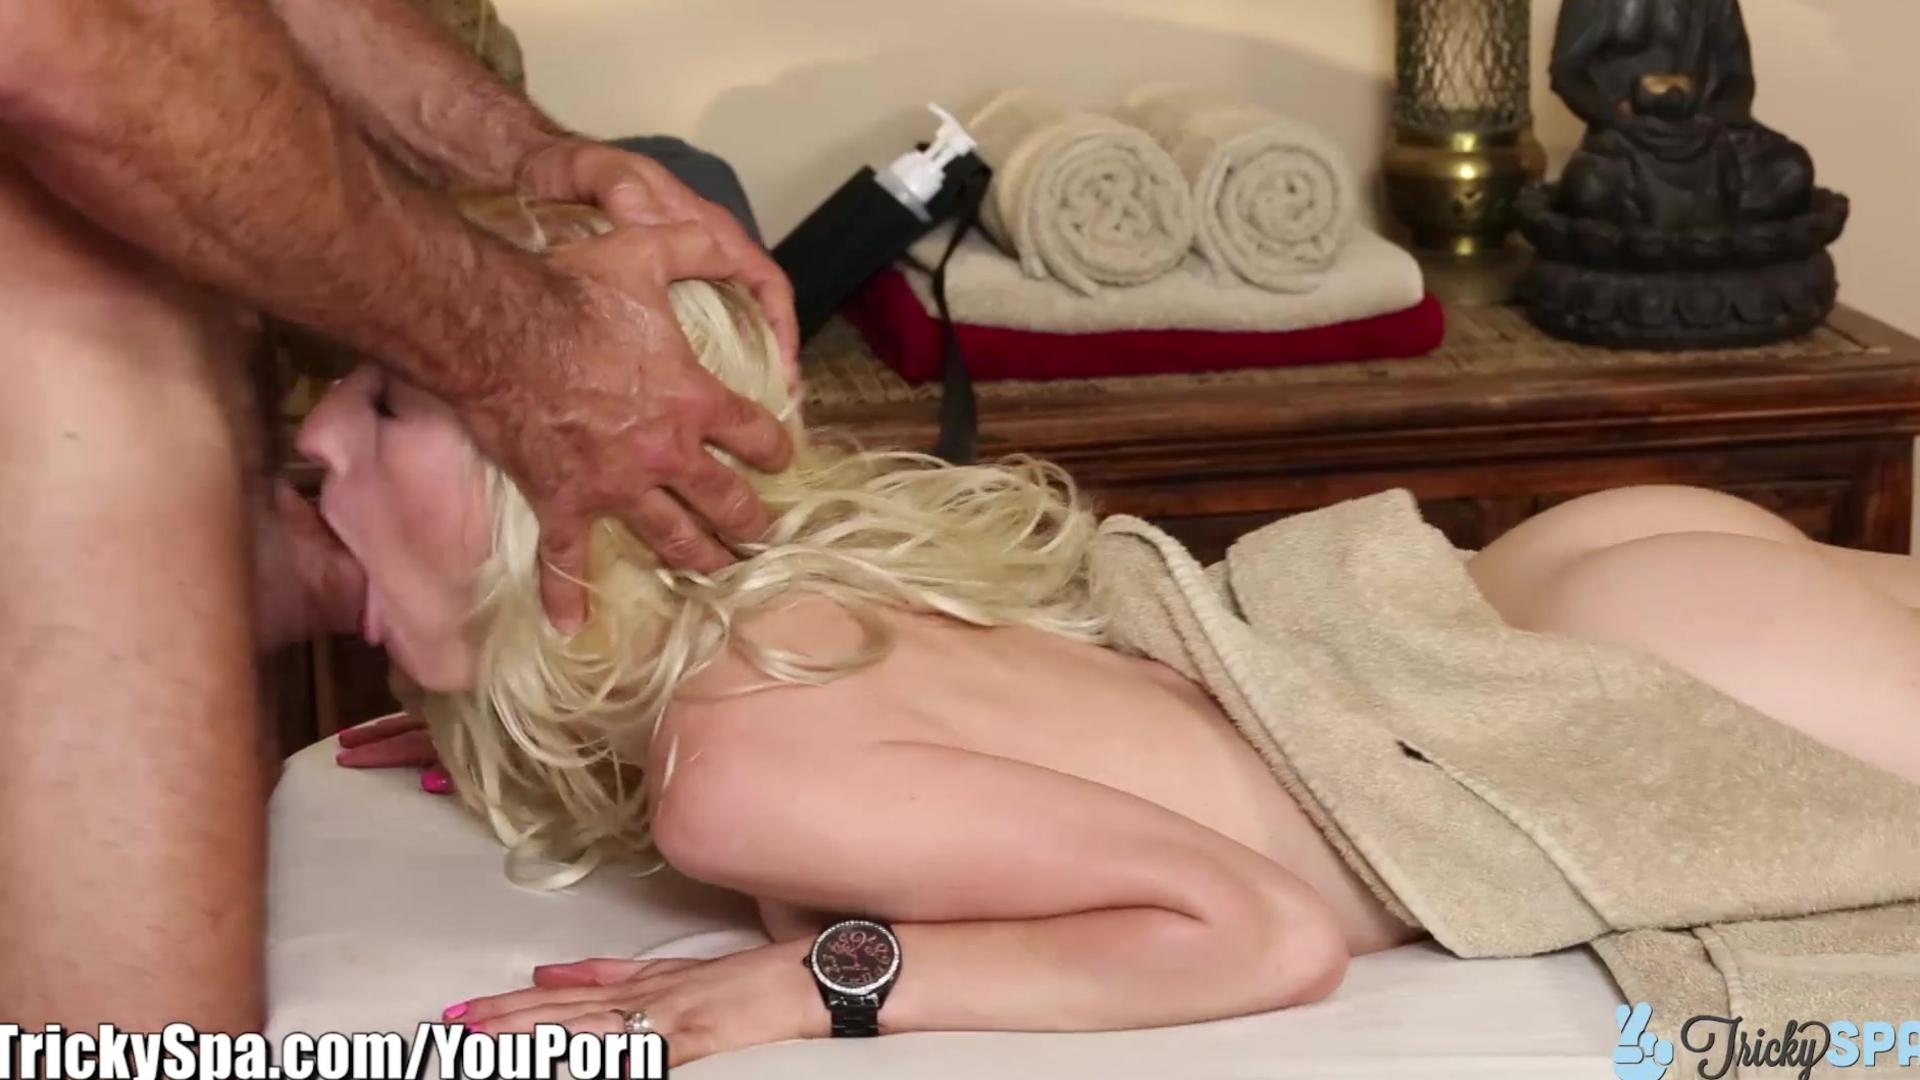 Порно видео гид - Волосатые